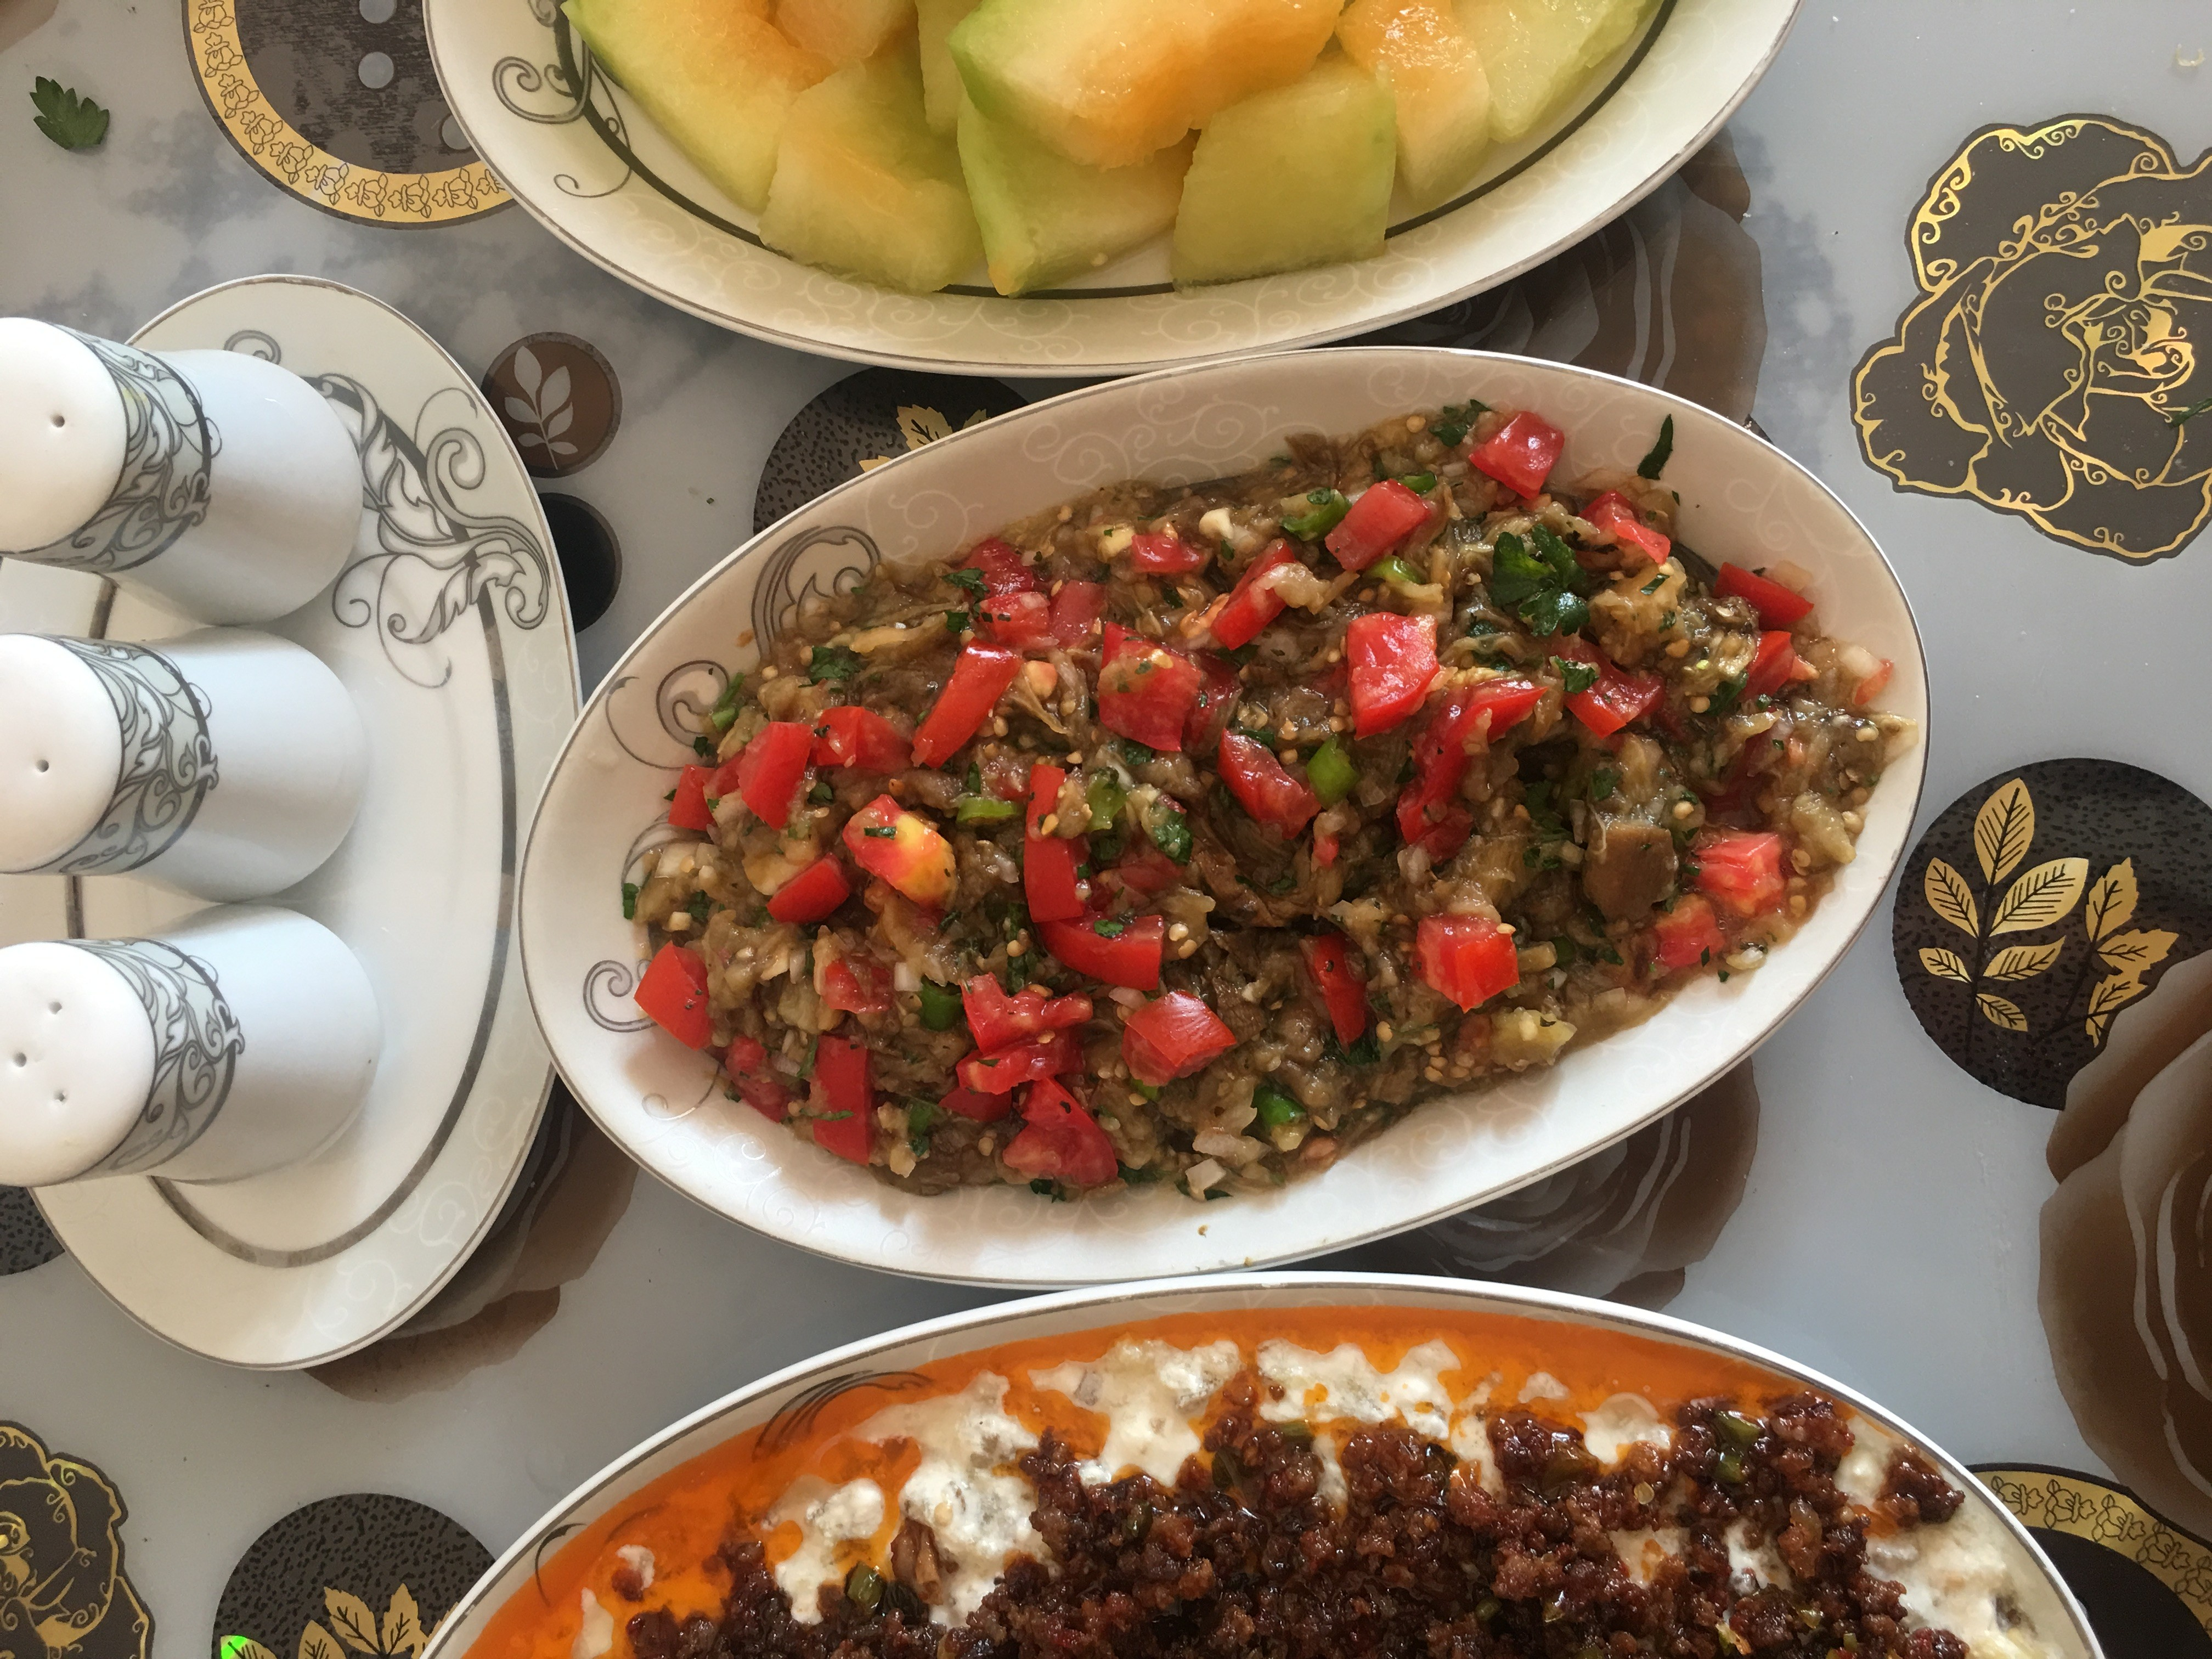 Ramazanda kilo vermek ile Etiketlenen Konular